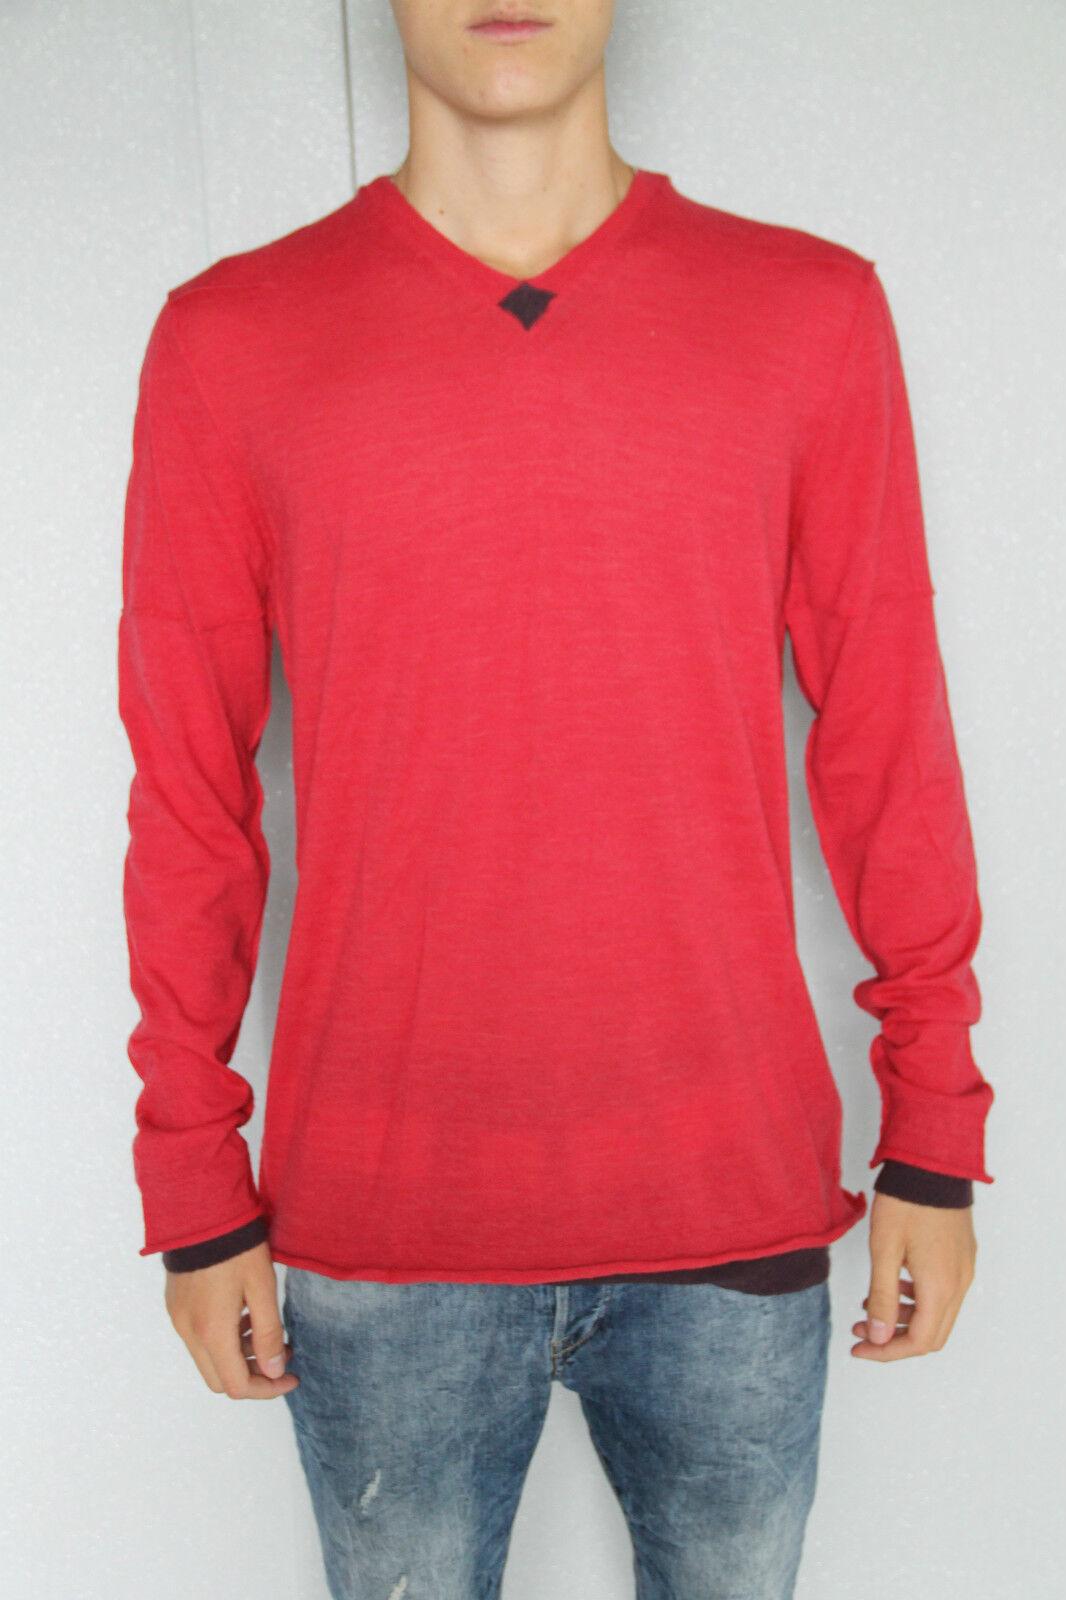 Maglione rosso angora merino molto fine m+F GIRBAUD T. XL NUOVO/ETICHETTA val